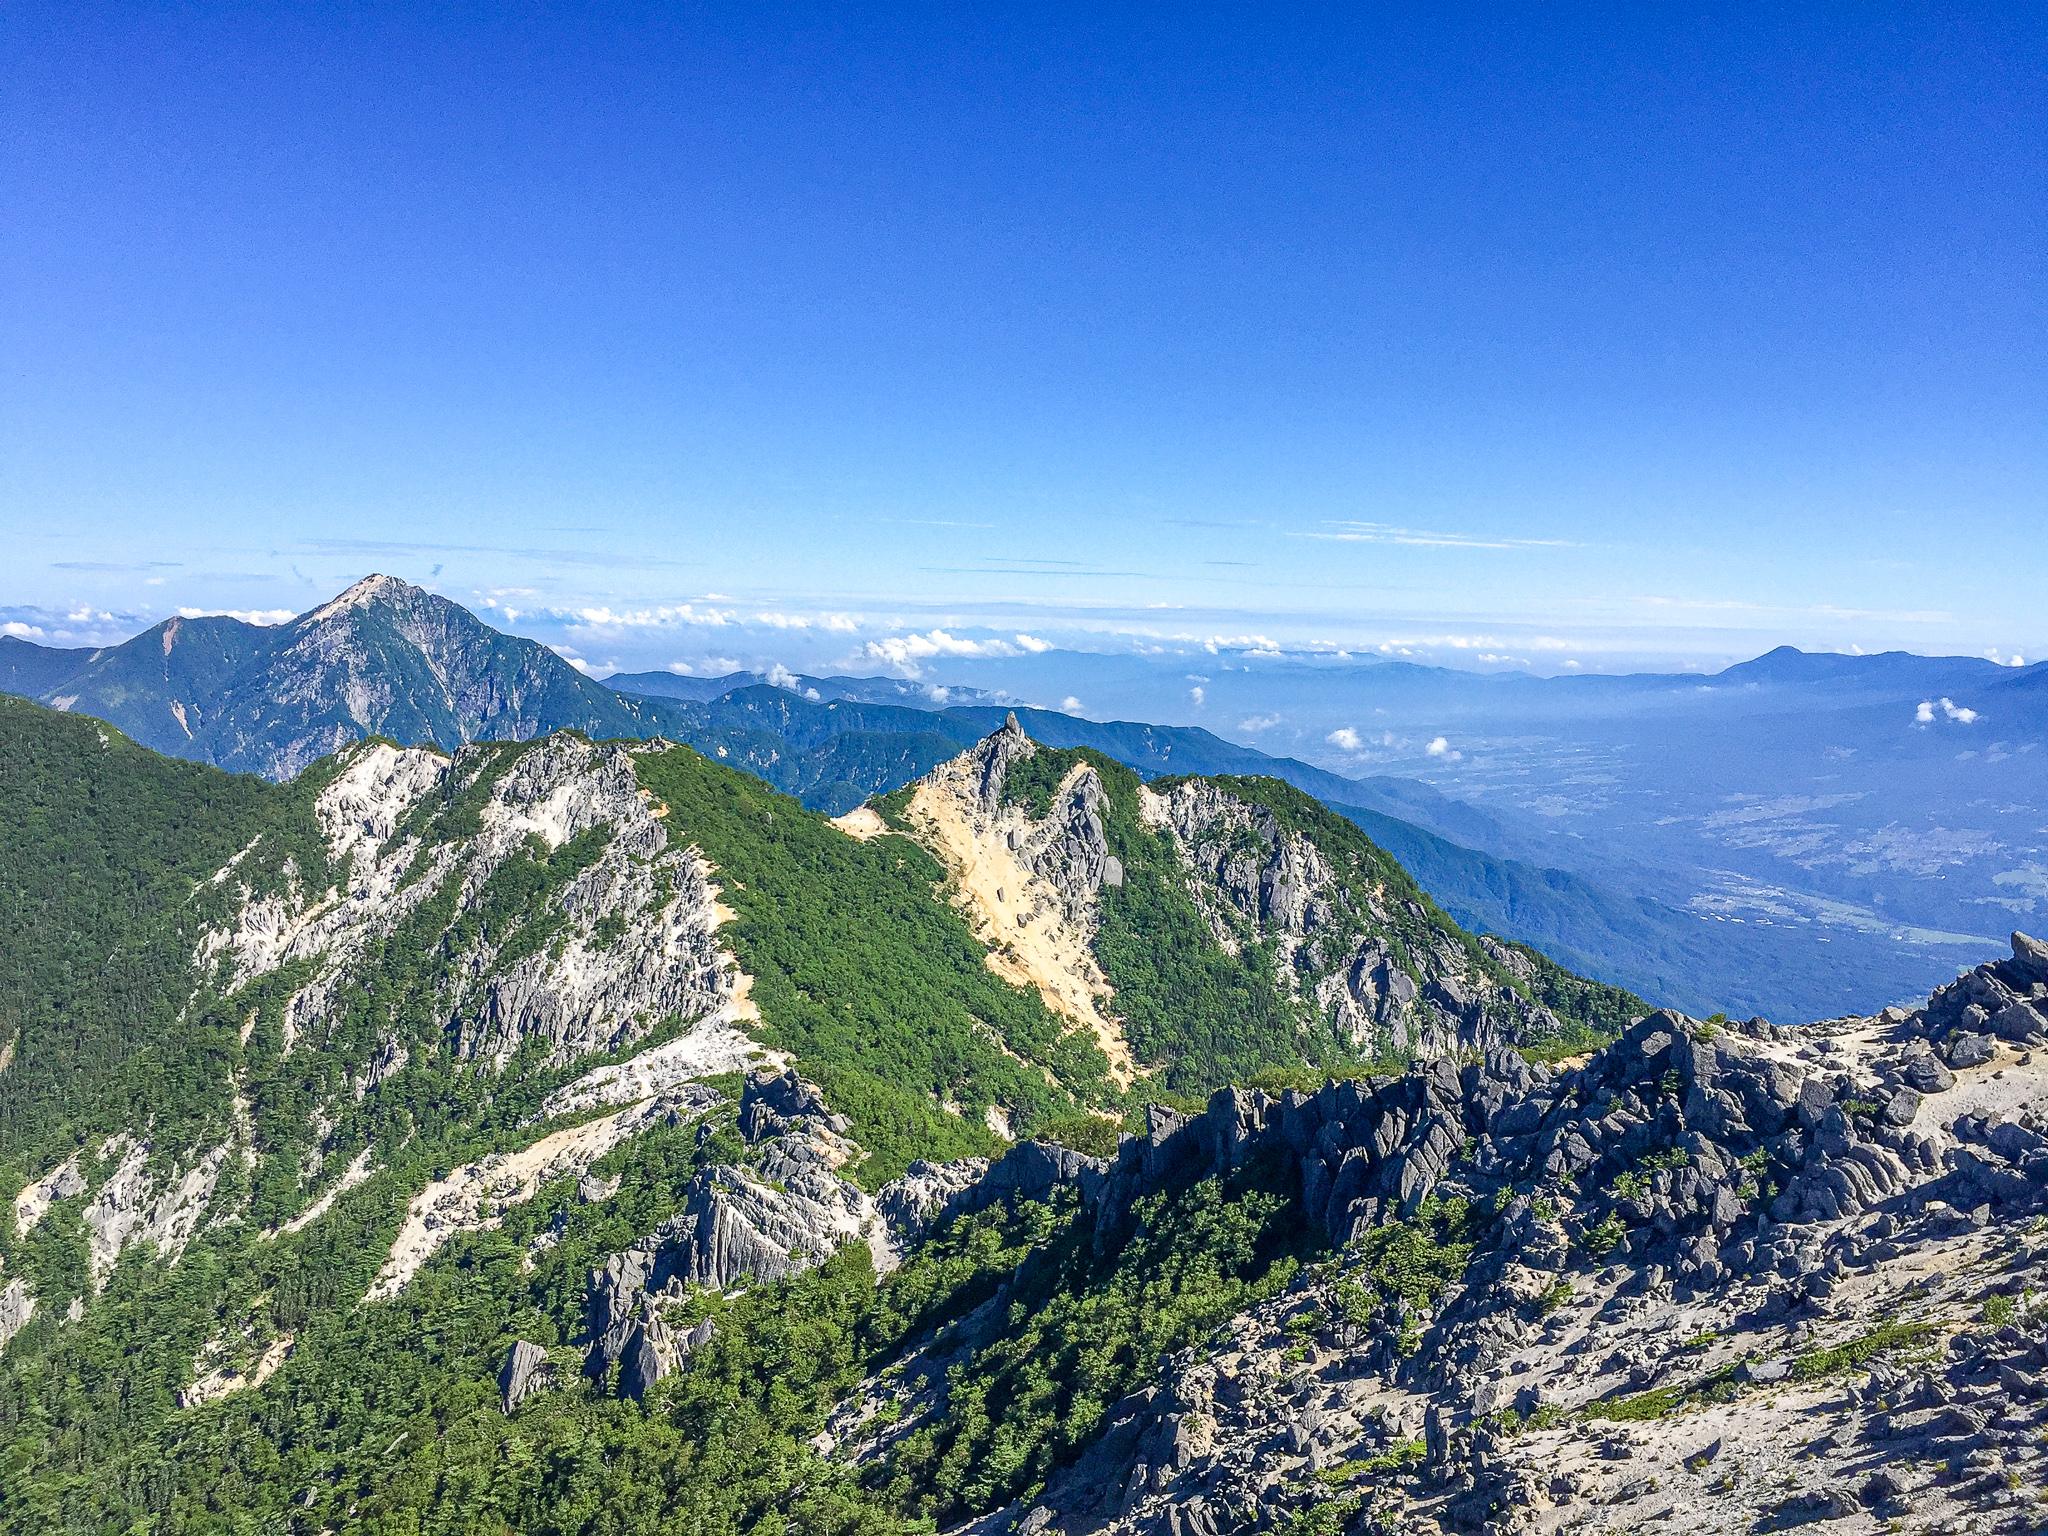 鳳凰三山・観音岳からの景色・左から甲斐駒ヶ岳、地蔵岳、八ヶ岳